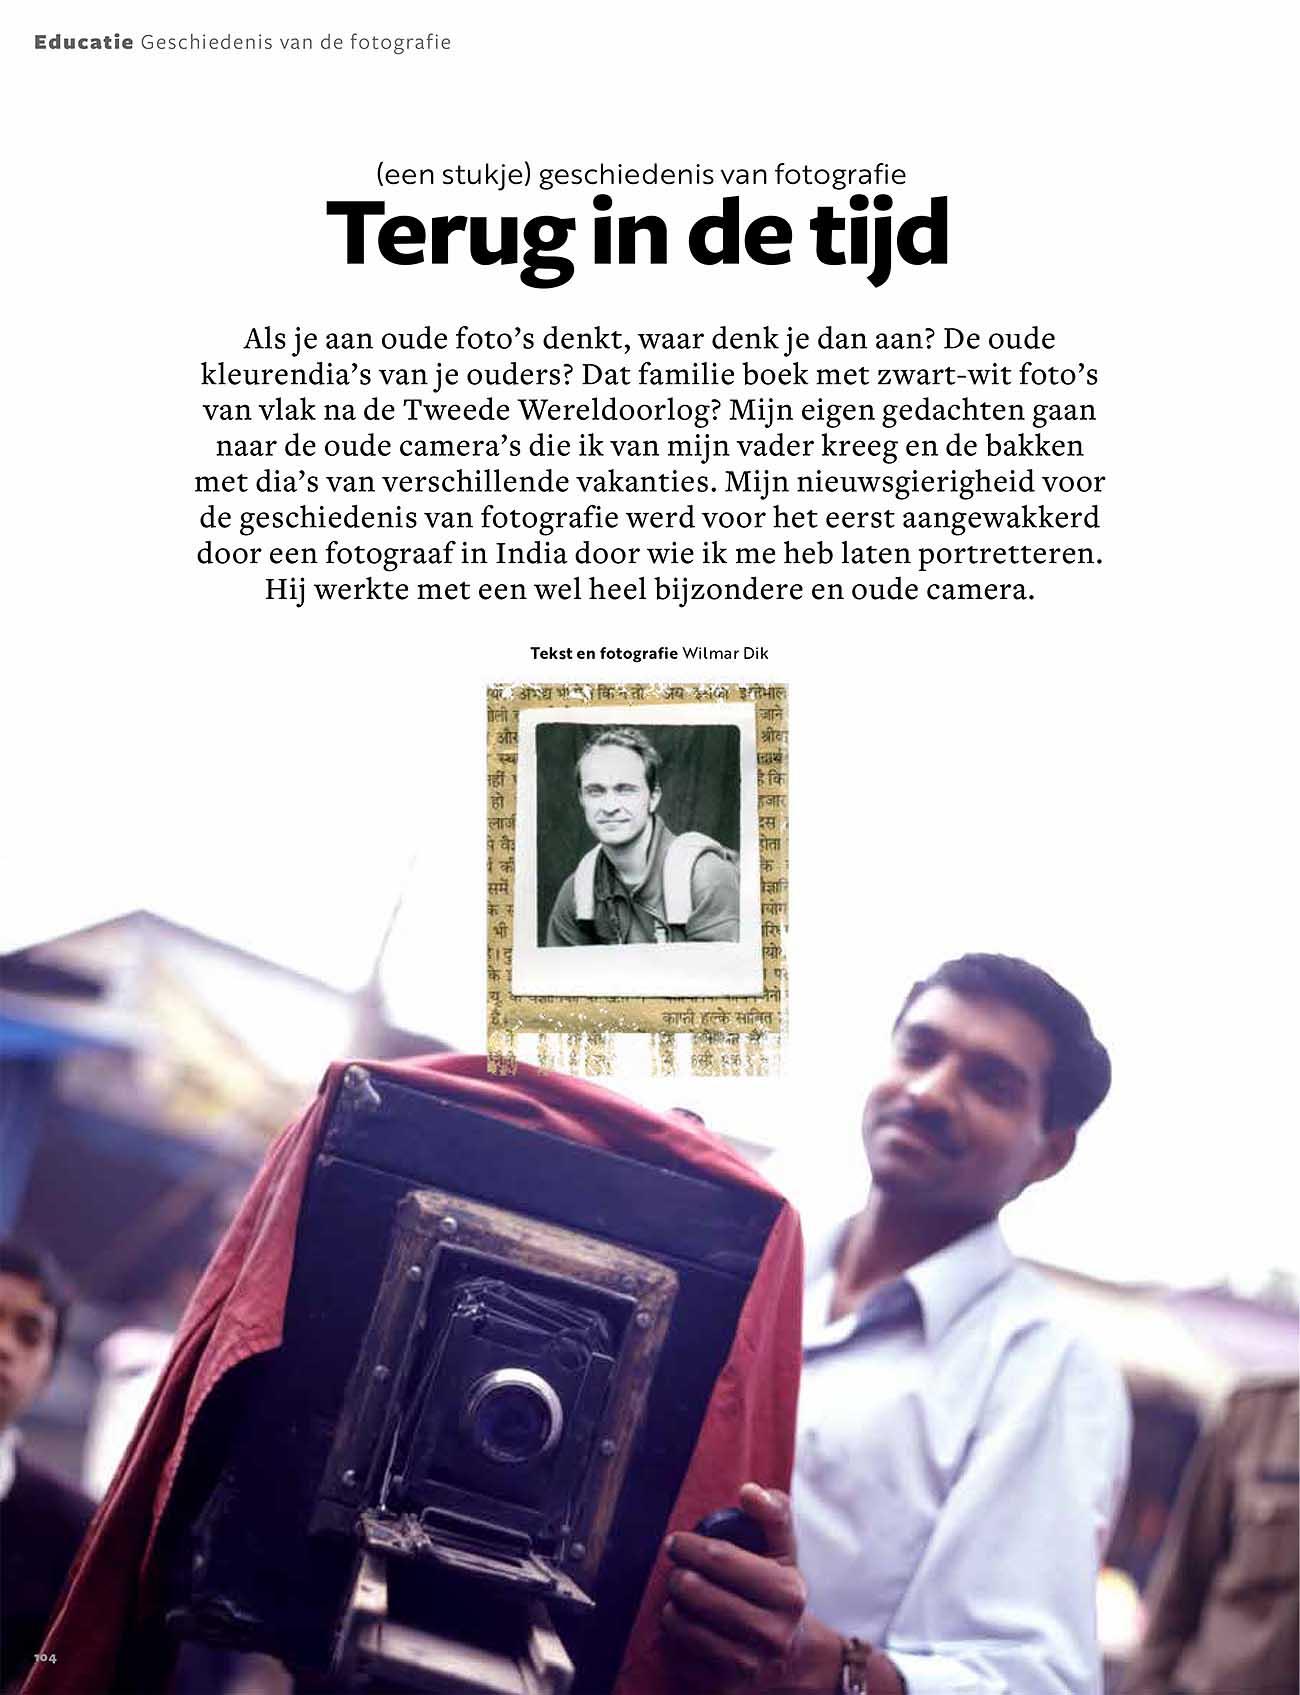 een stukje geschiedenis van fotografie